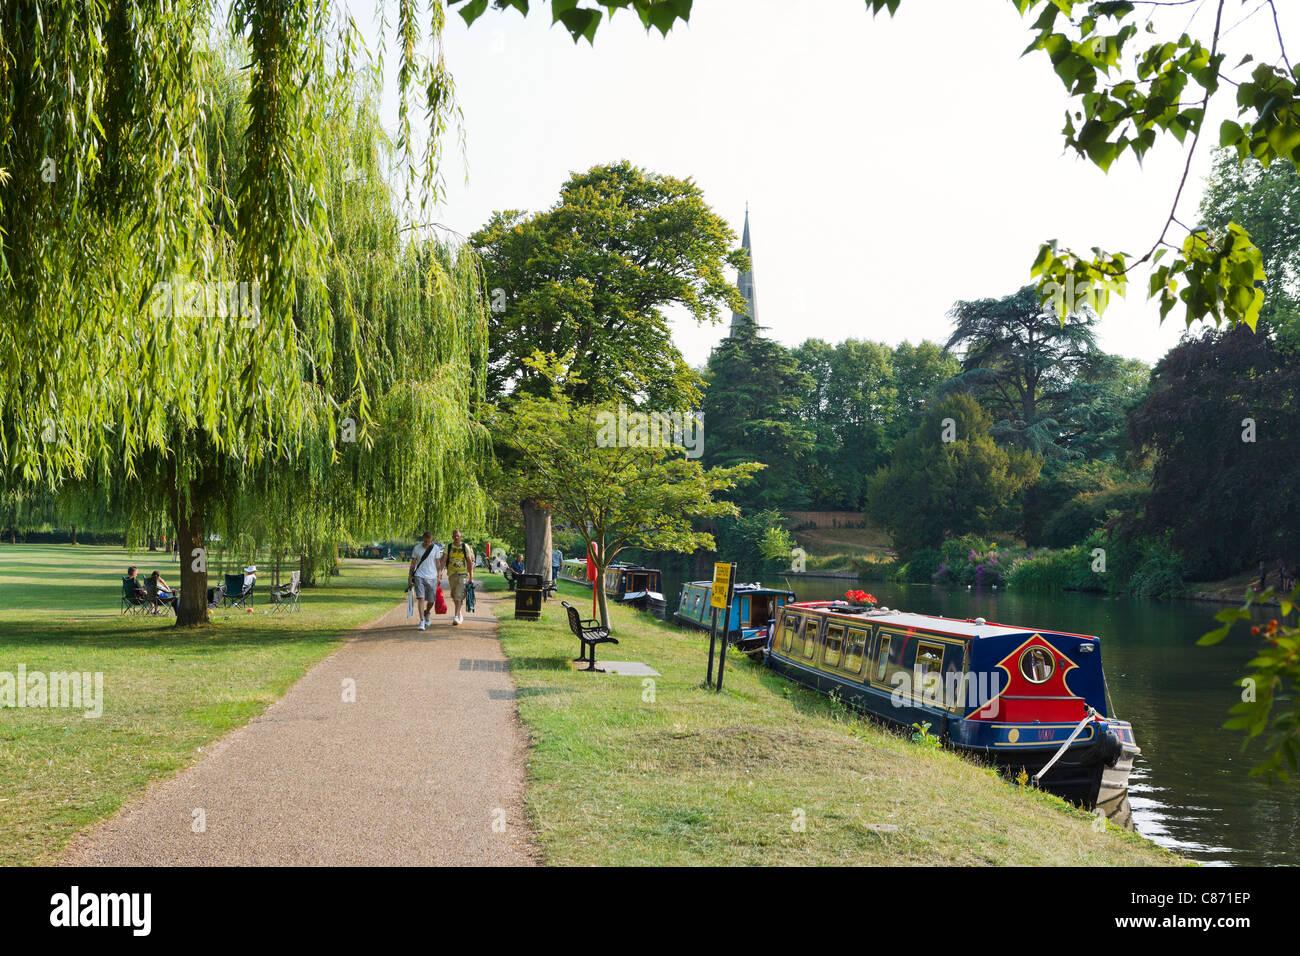 People walking along the banks of the River Avon, Stratford-upon-Avon, Warwickshire, England, UK - Stock Image